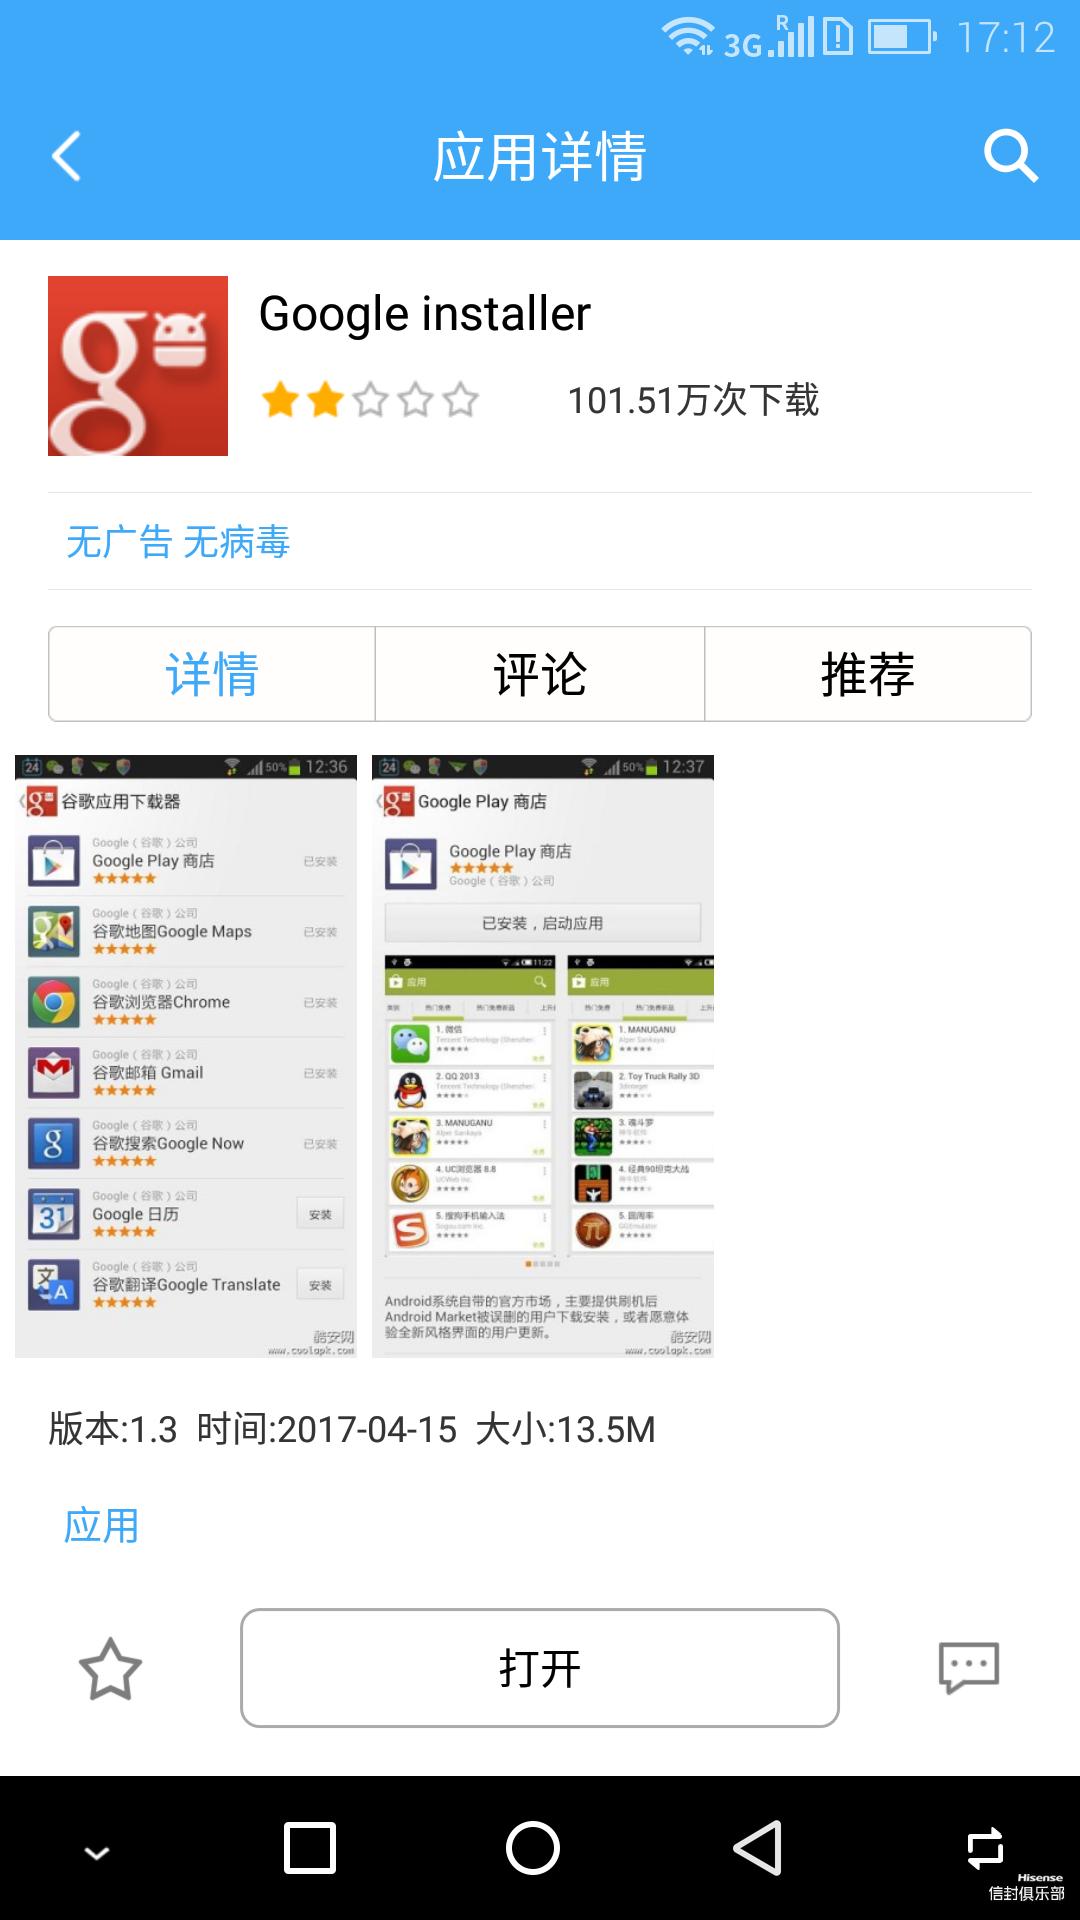 Screenshot_20170703-171229_App Store.png